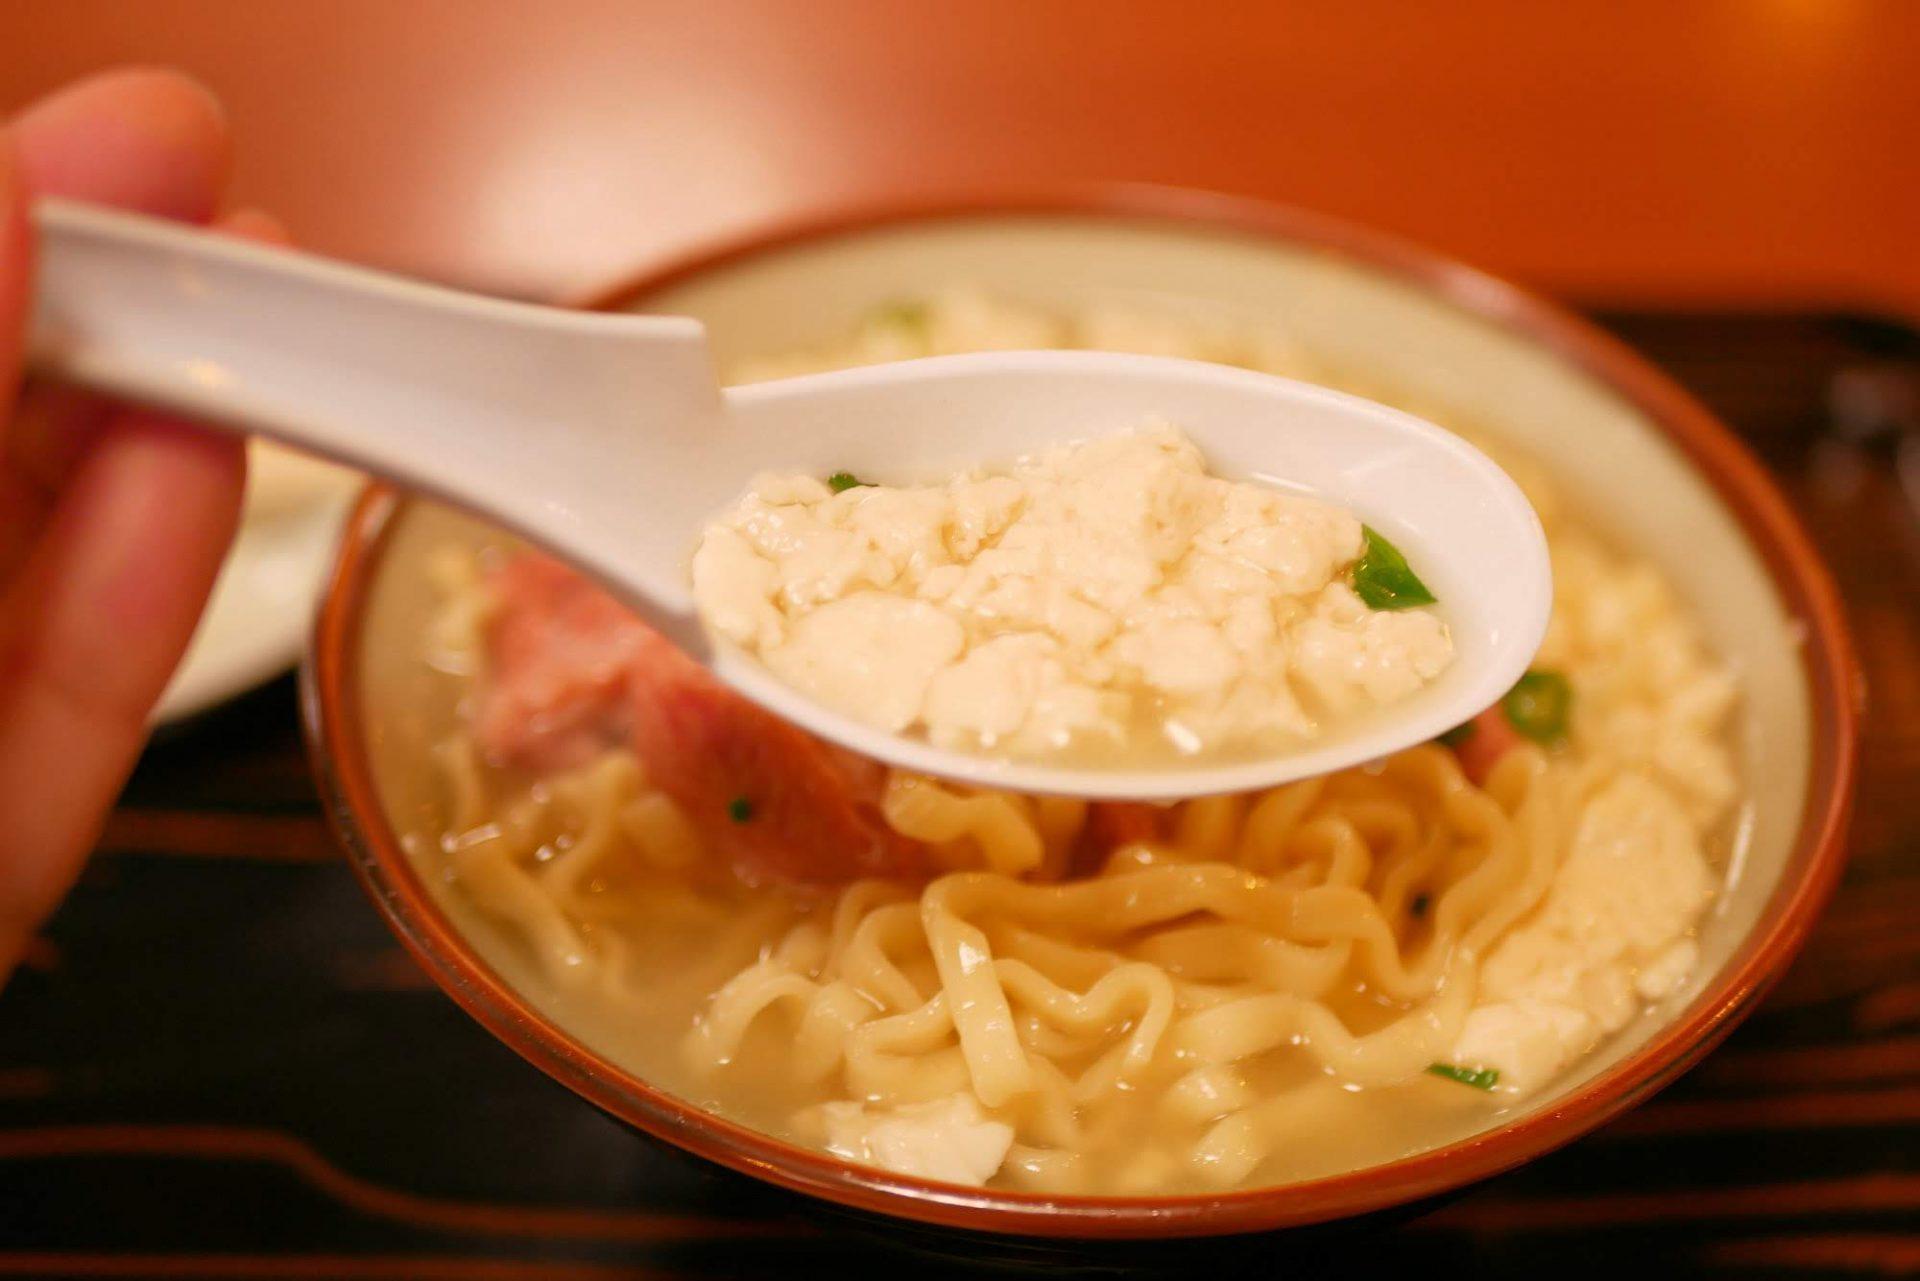 ゆし豆腐 沖縄 おすすめ B級グルメ ローカルフード